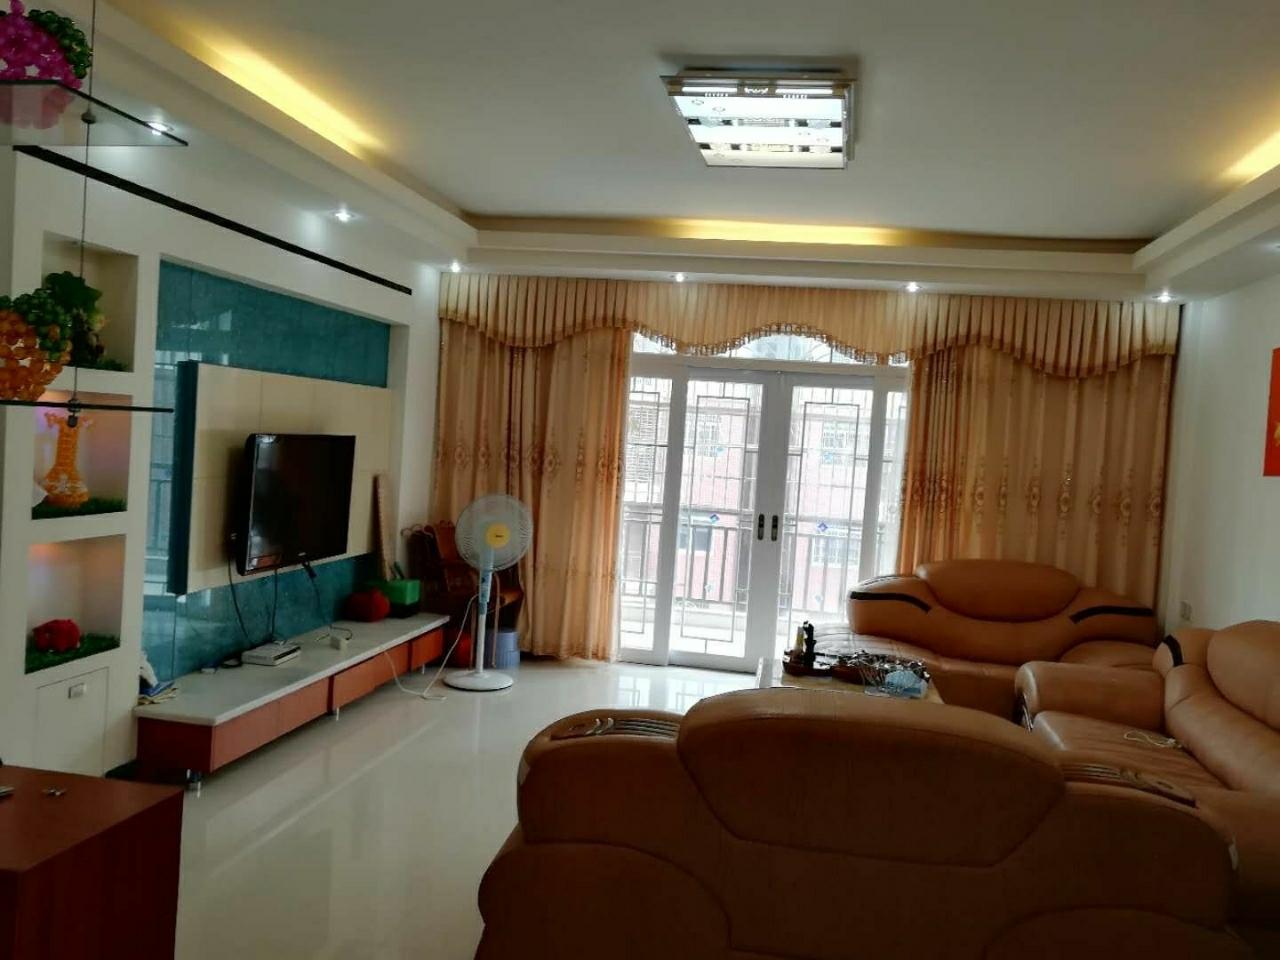 豪门金典3室2厅2卫带杂间9平米74万元